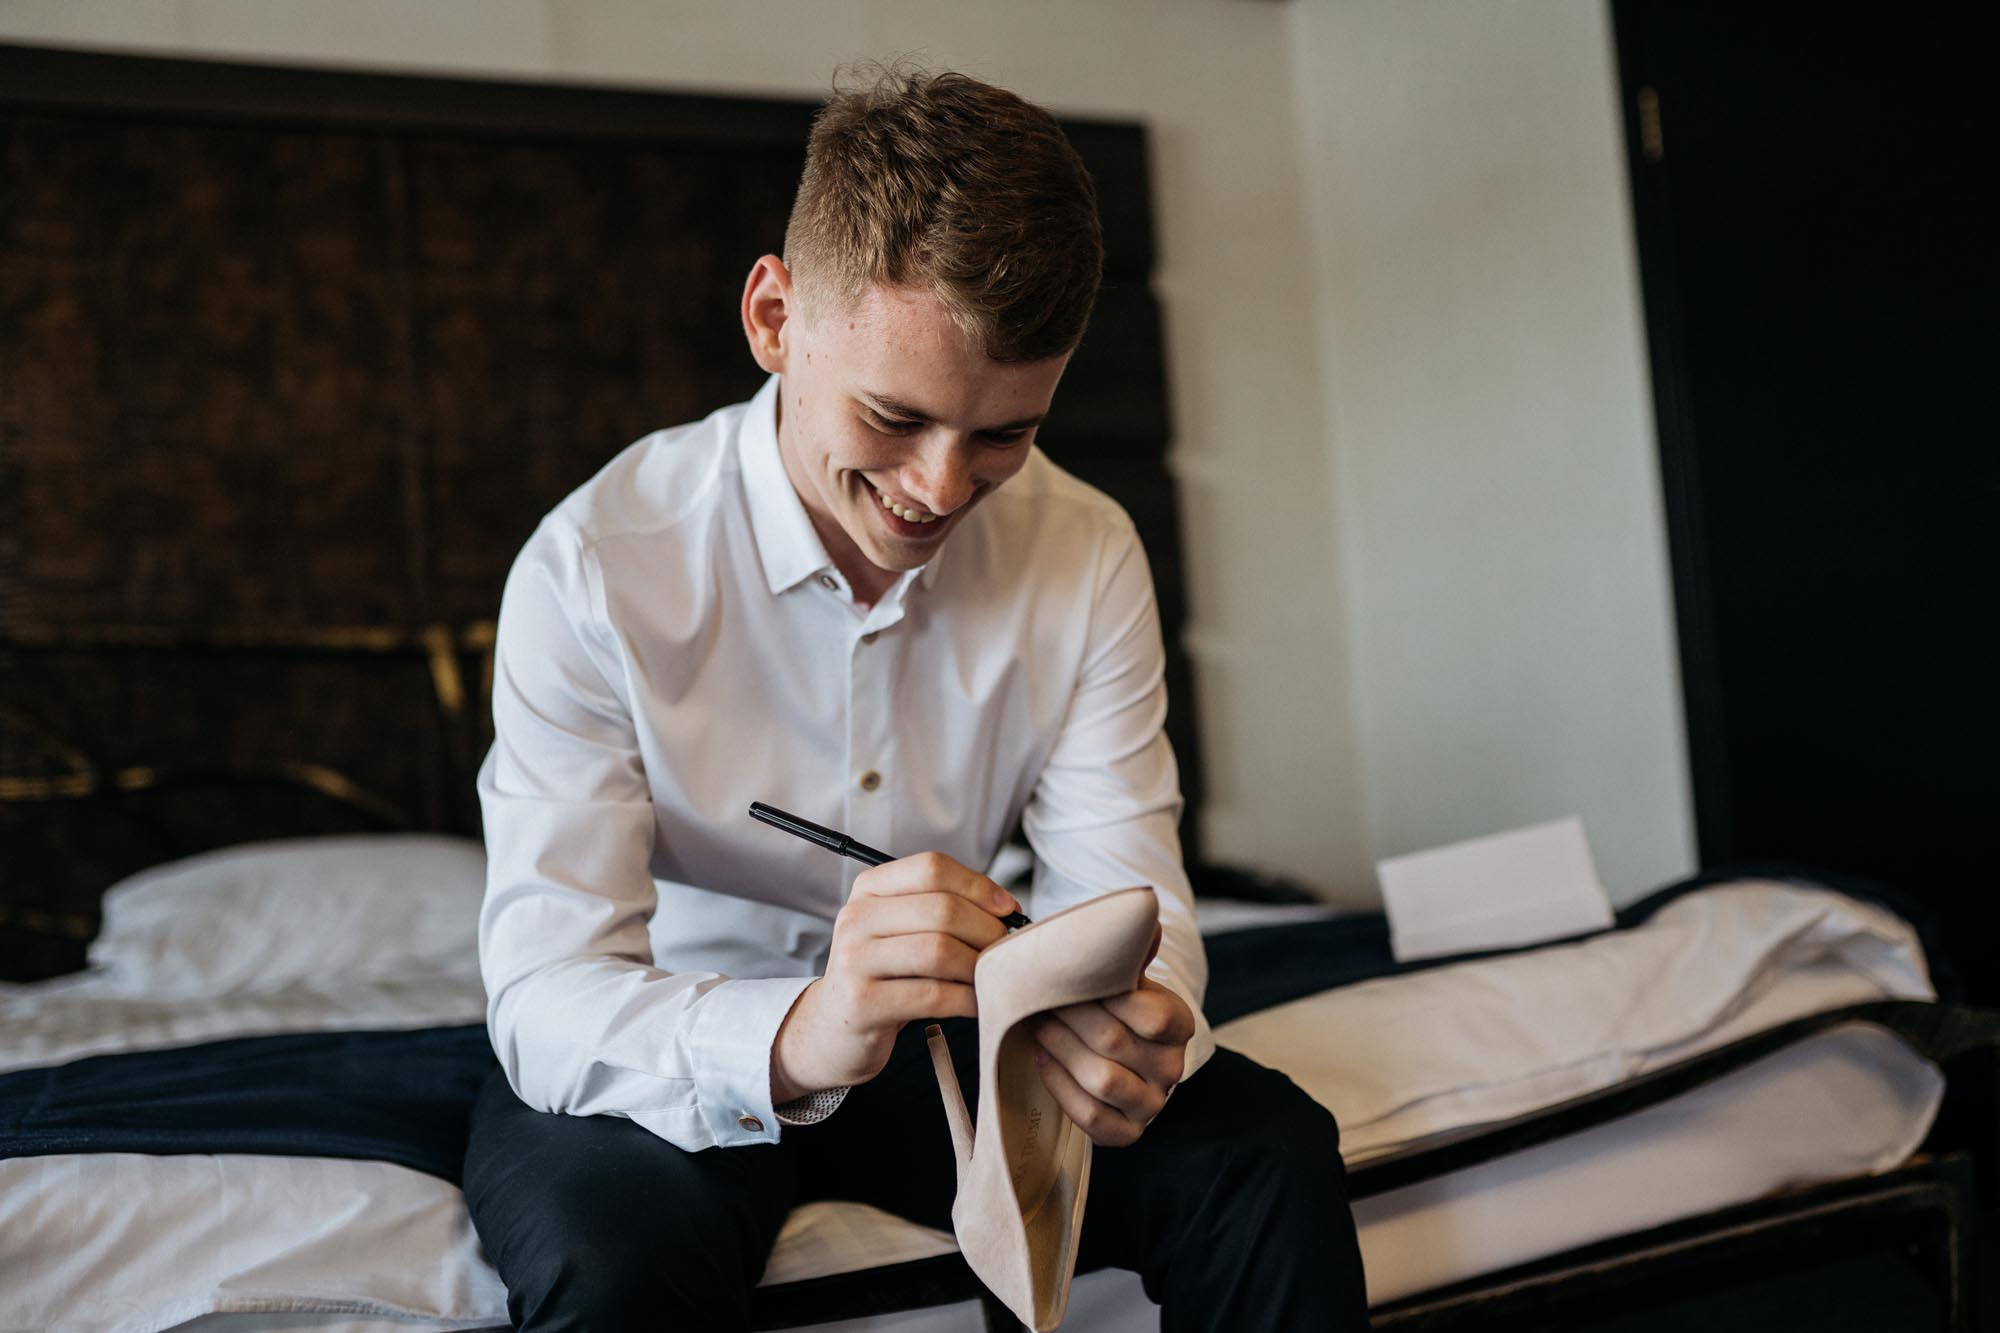 жених пишет на туфли невесты